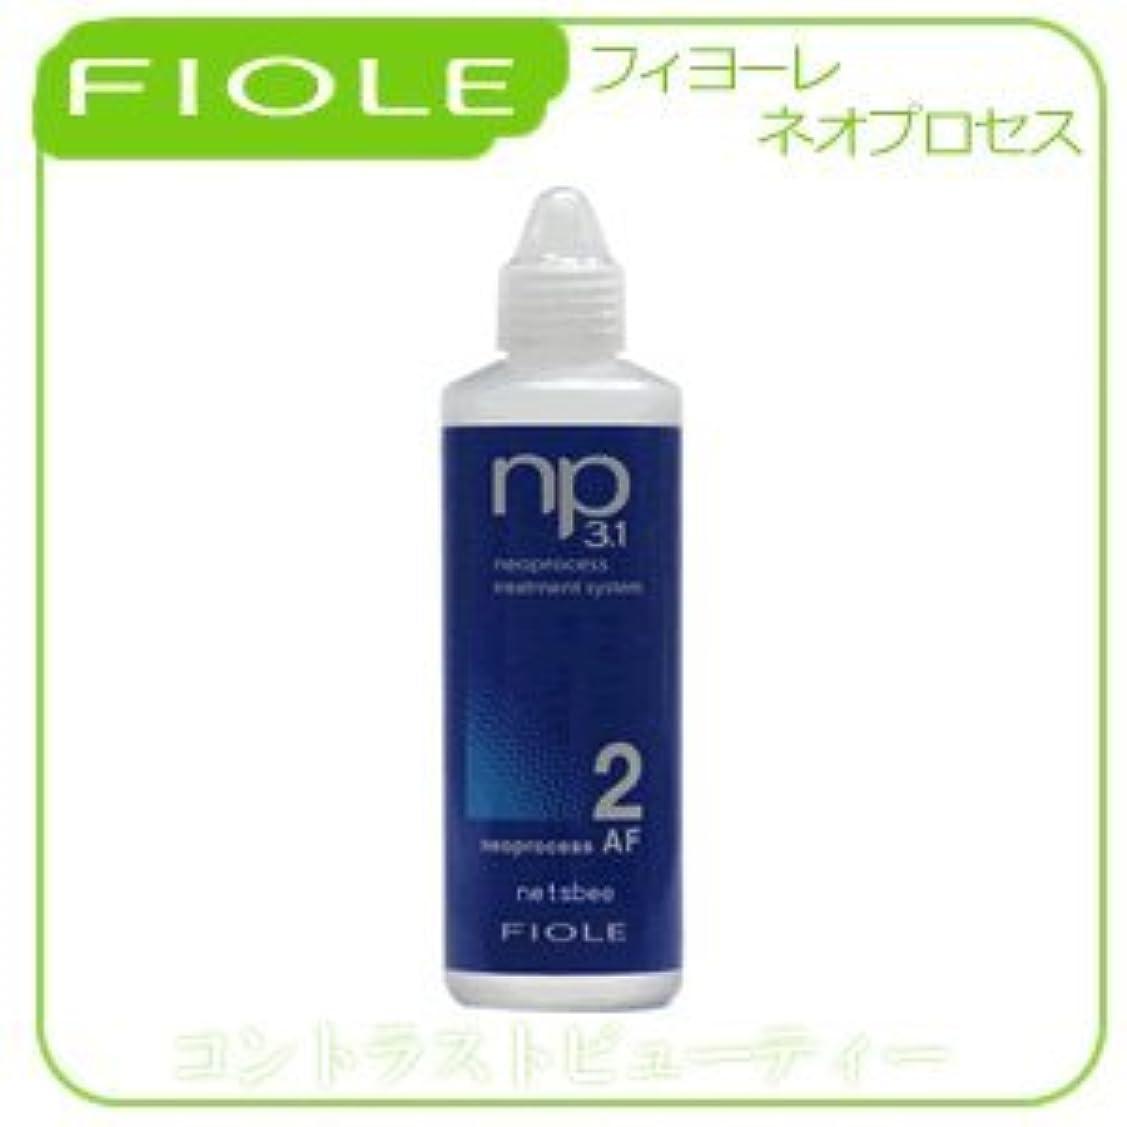 背が高いスパンビームフィヨーレ NP3.1 ネオプロセス AF2 130ml FIOLE ネオプロセス